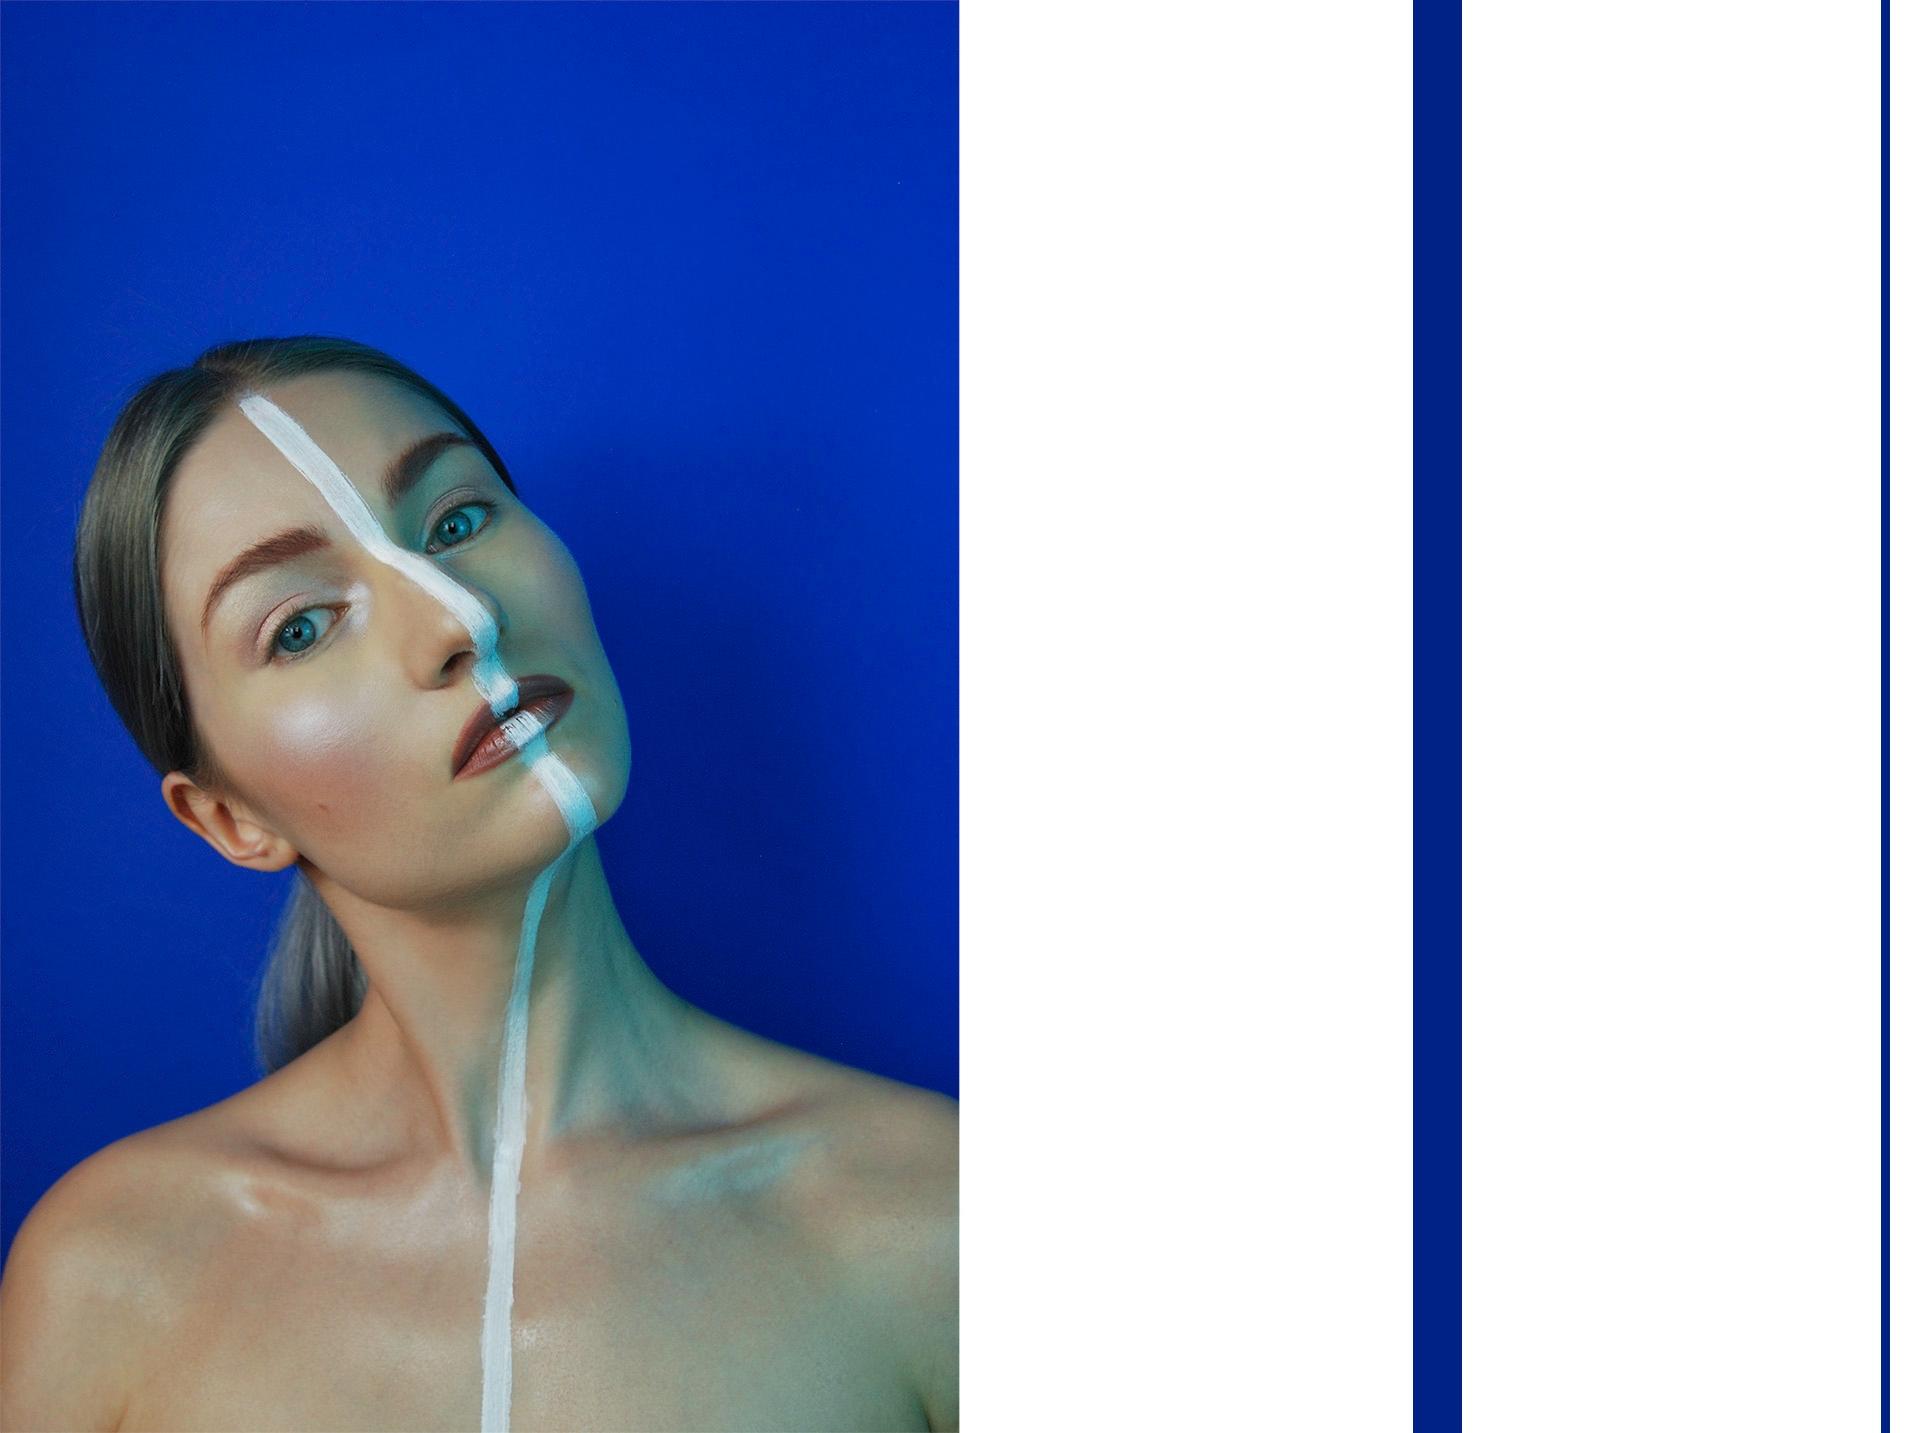 Obraz przedstawia zdjęcie kobiety z przechyloną głową. Przez jej twarz biegnie biała linia, a tło jest niebieskie. Po prawej stronie widzimy dwie niebieskie pionowe linie.